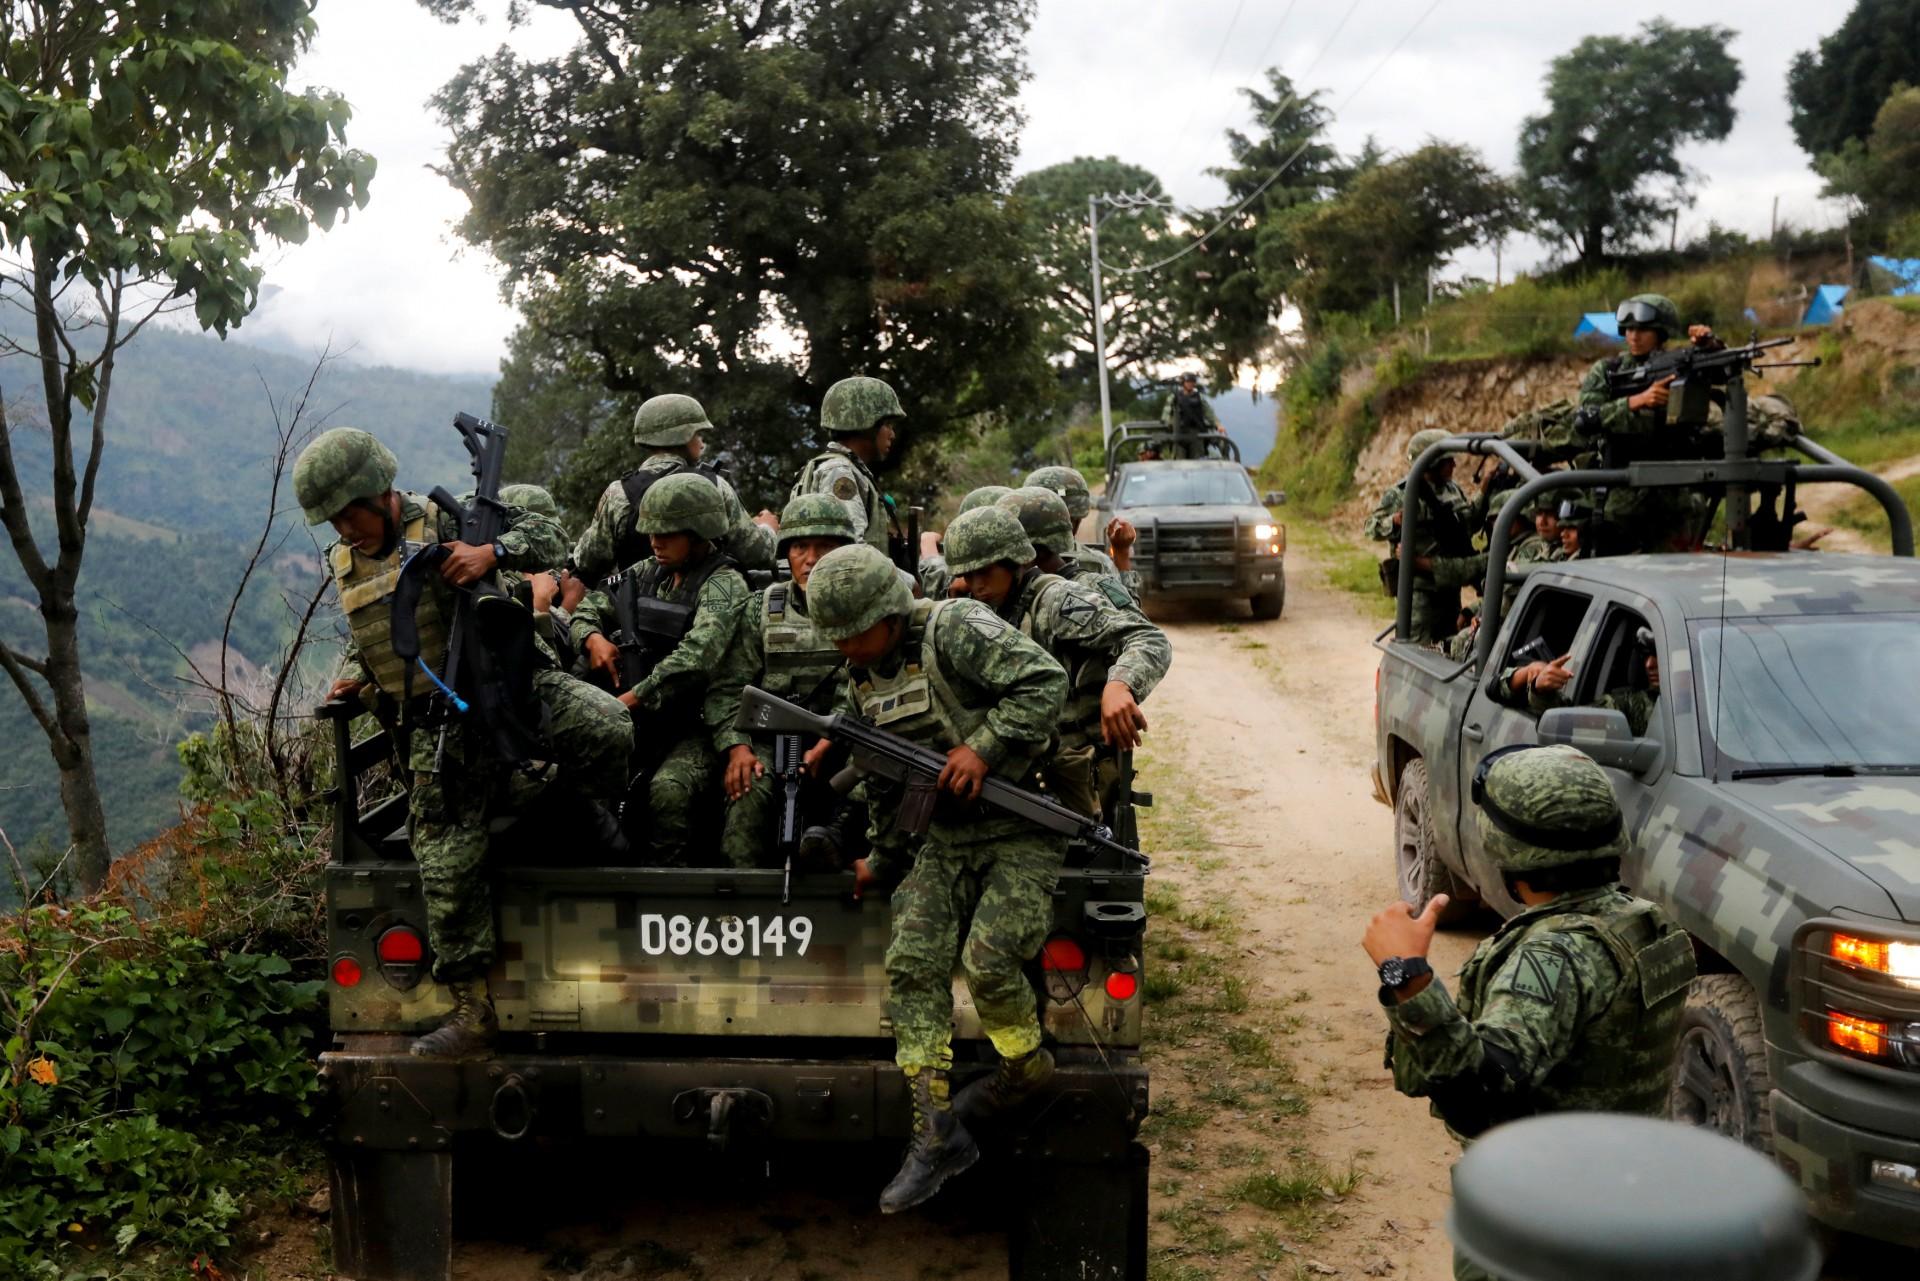 Los soldados llegan al área donde encontraron una plantación ilegal de opio en la Sierra Madre del Sur, en el estado sureño de Guerrero, México, el 24 de agosto de 2018.